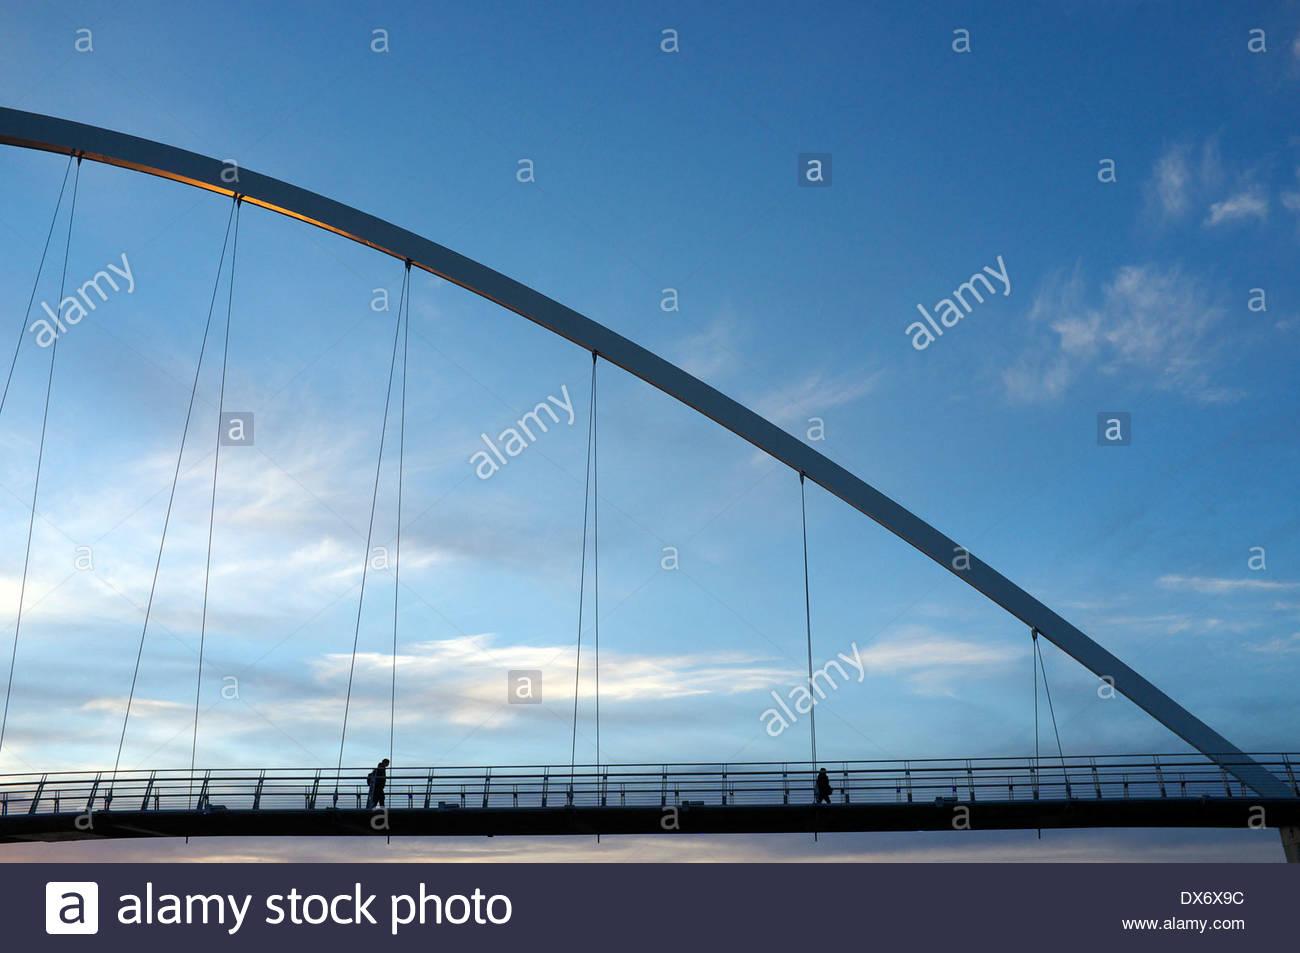 Die Infinity-Brücke (mit einem Hauch von Abendsonne drauf) in Stockton-on-Tees, Nord-Ost-England, UK. Stockfoto